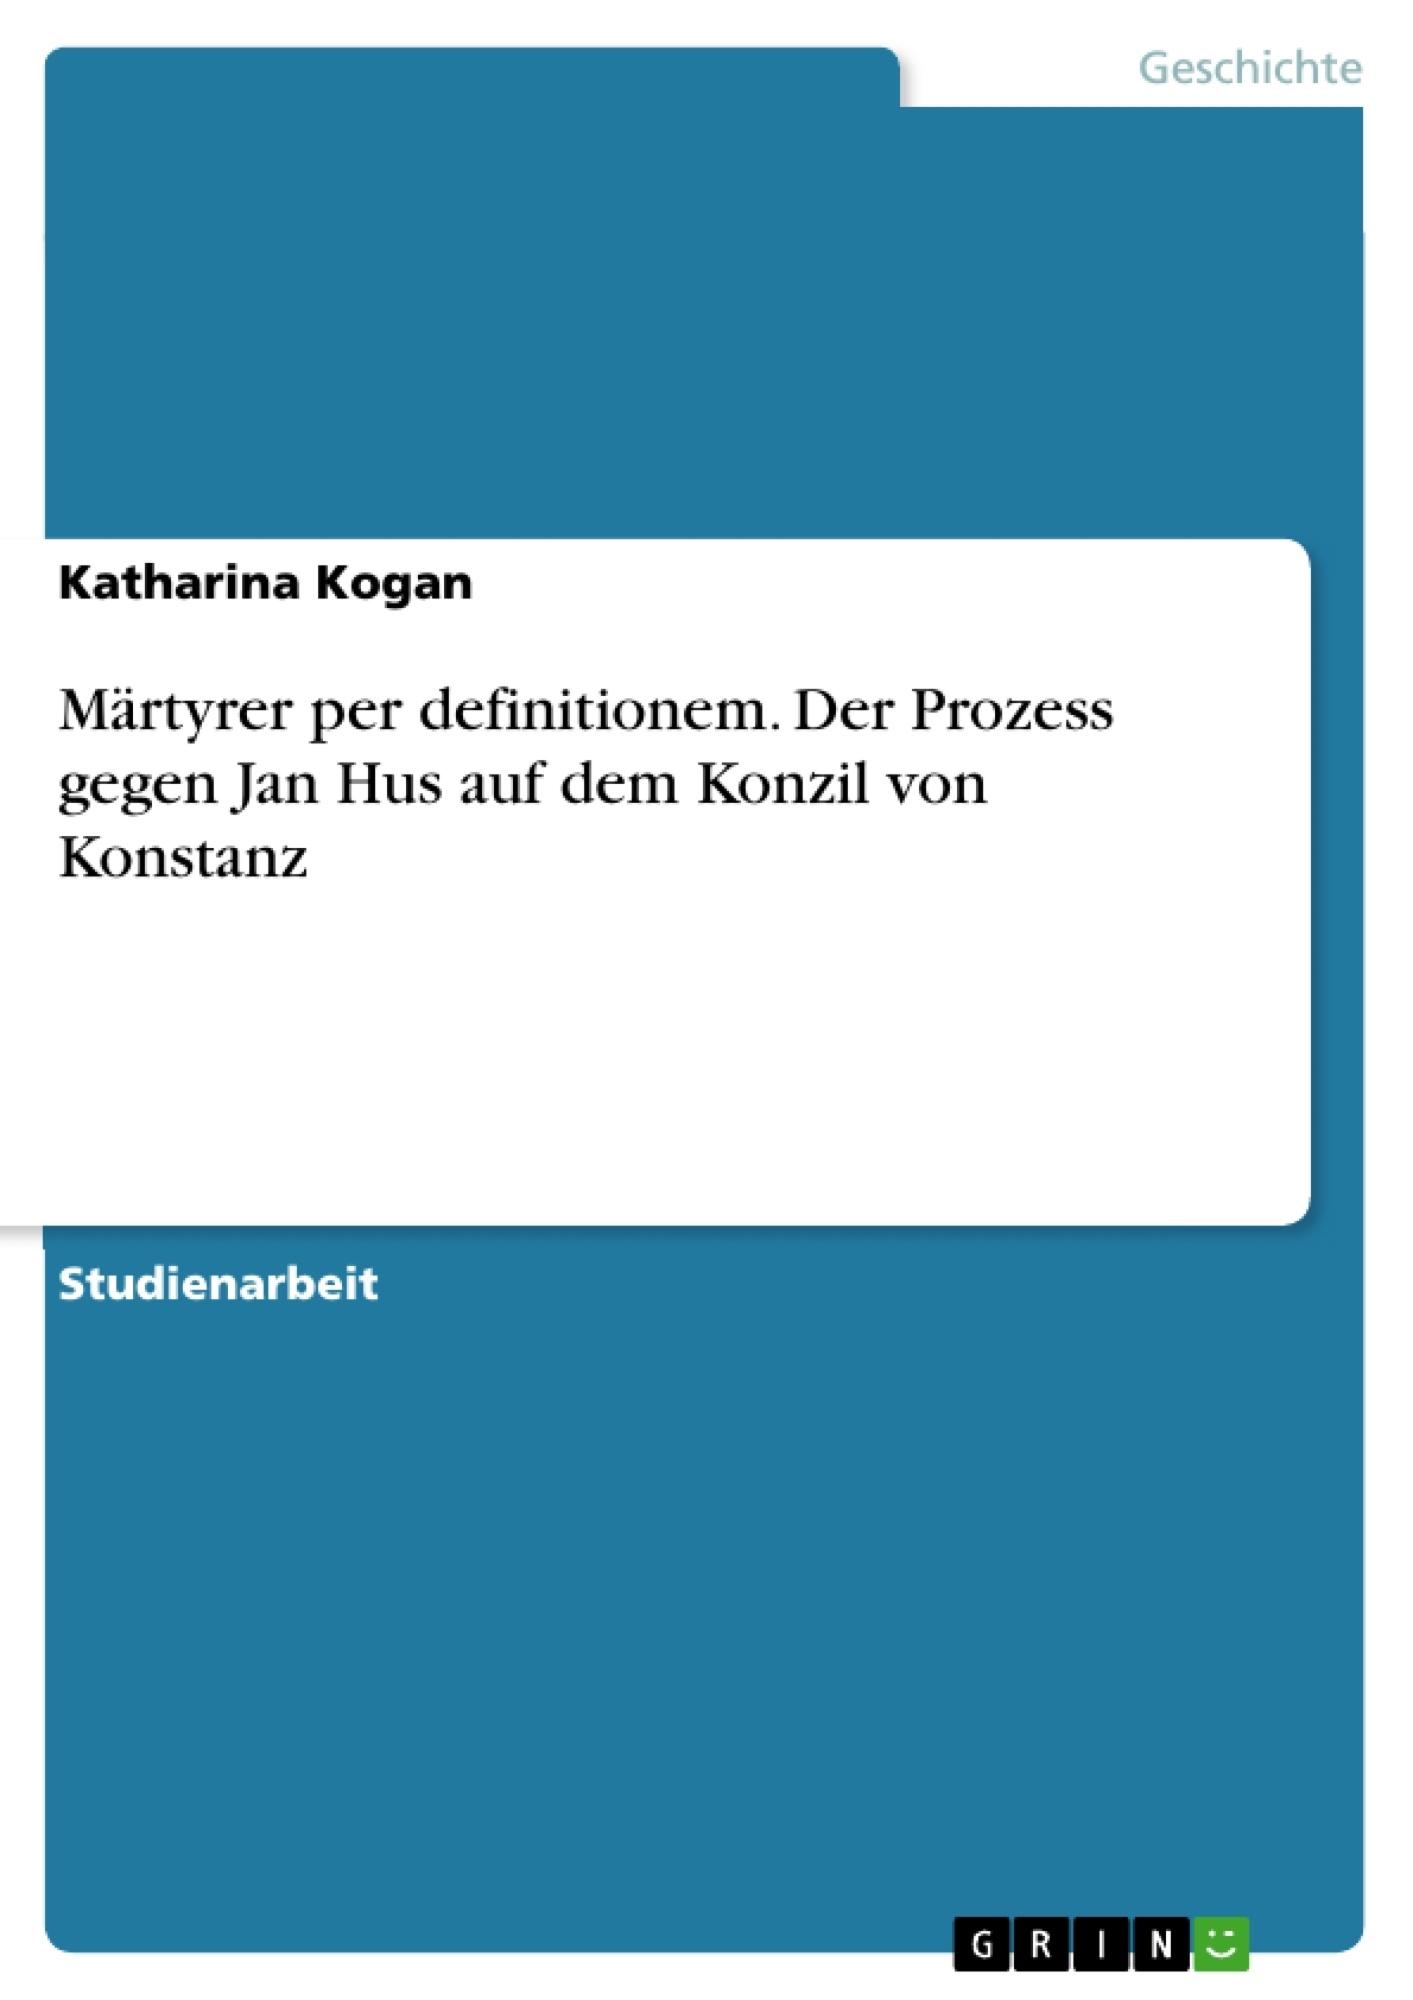 Titel: Märtyrer per definitionem. Der Prozess gegen Jan Hus auf dem Konzil von Konstanz